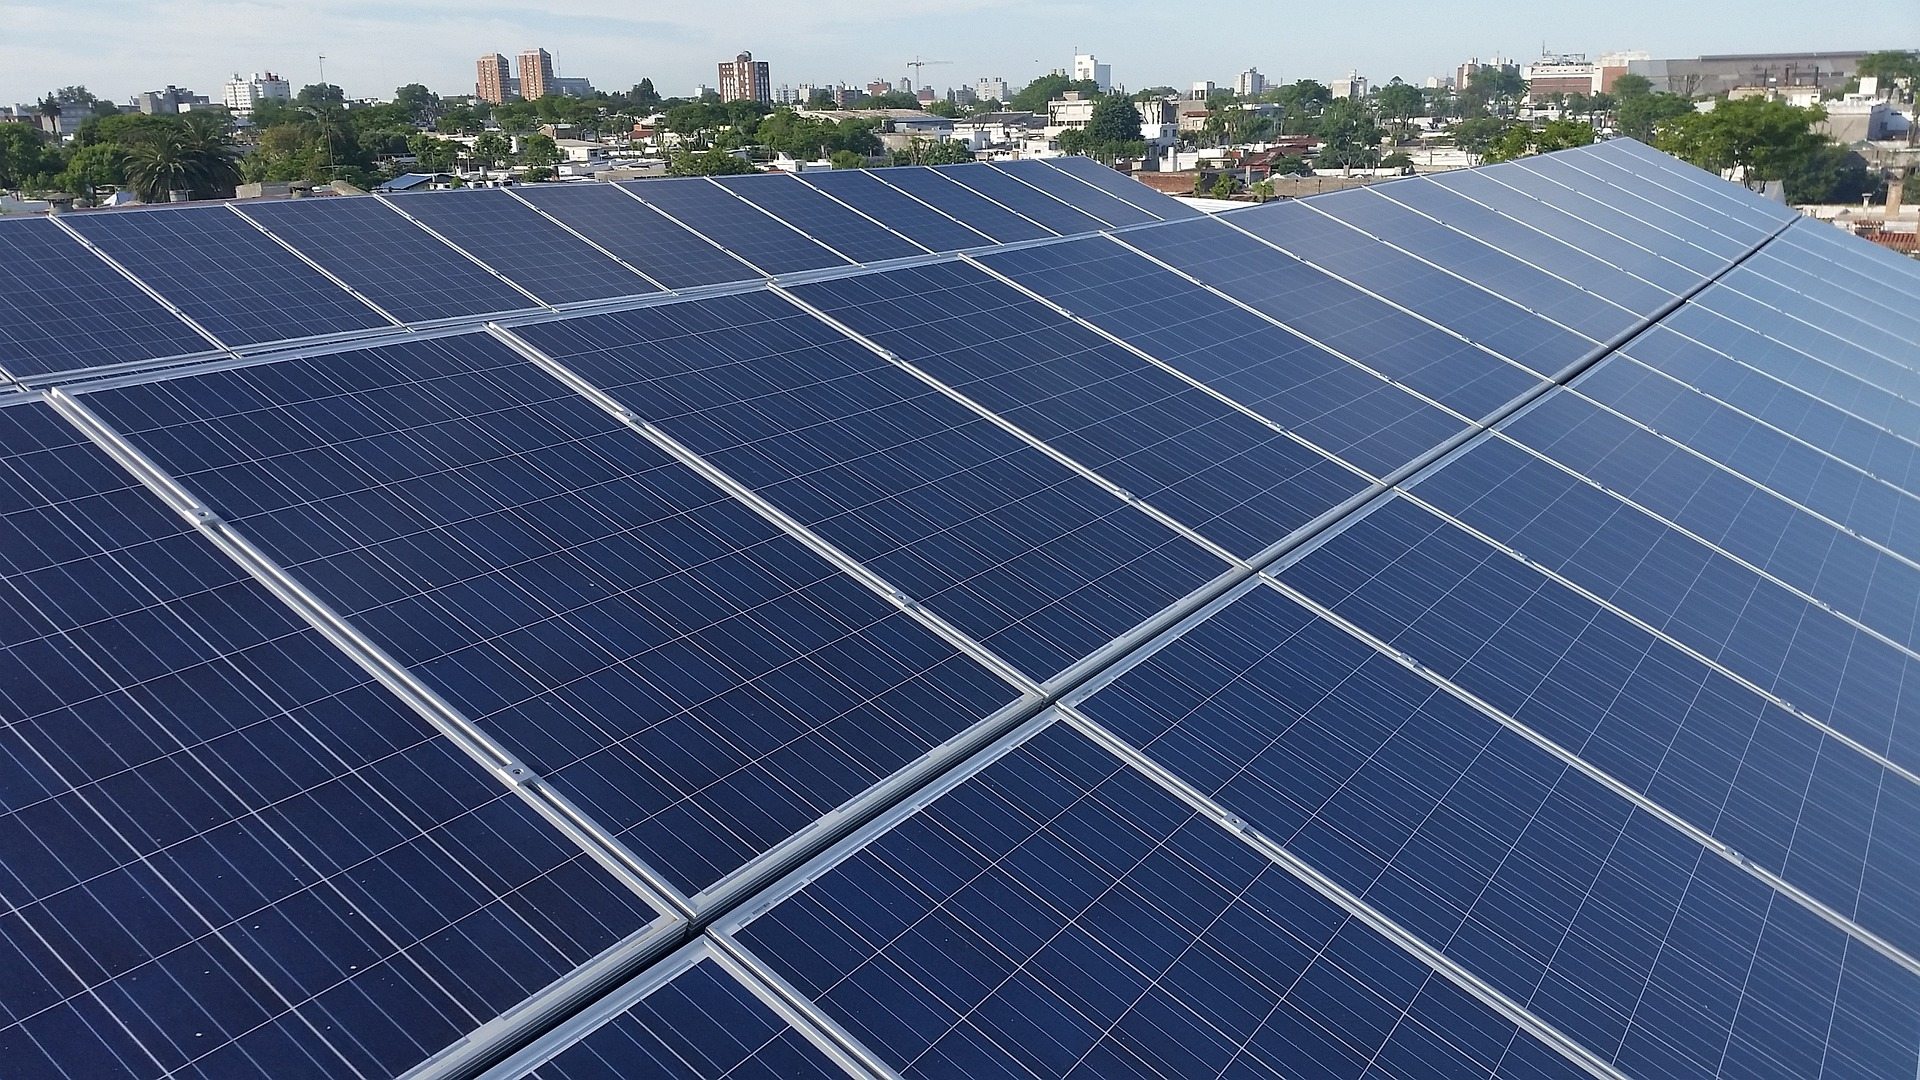 desarrollo de la energía solar en México